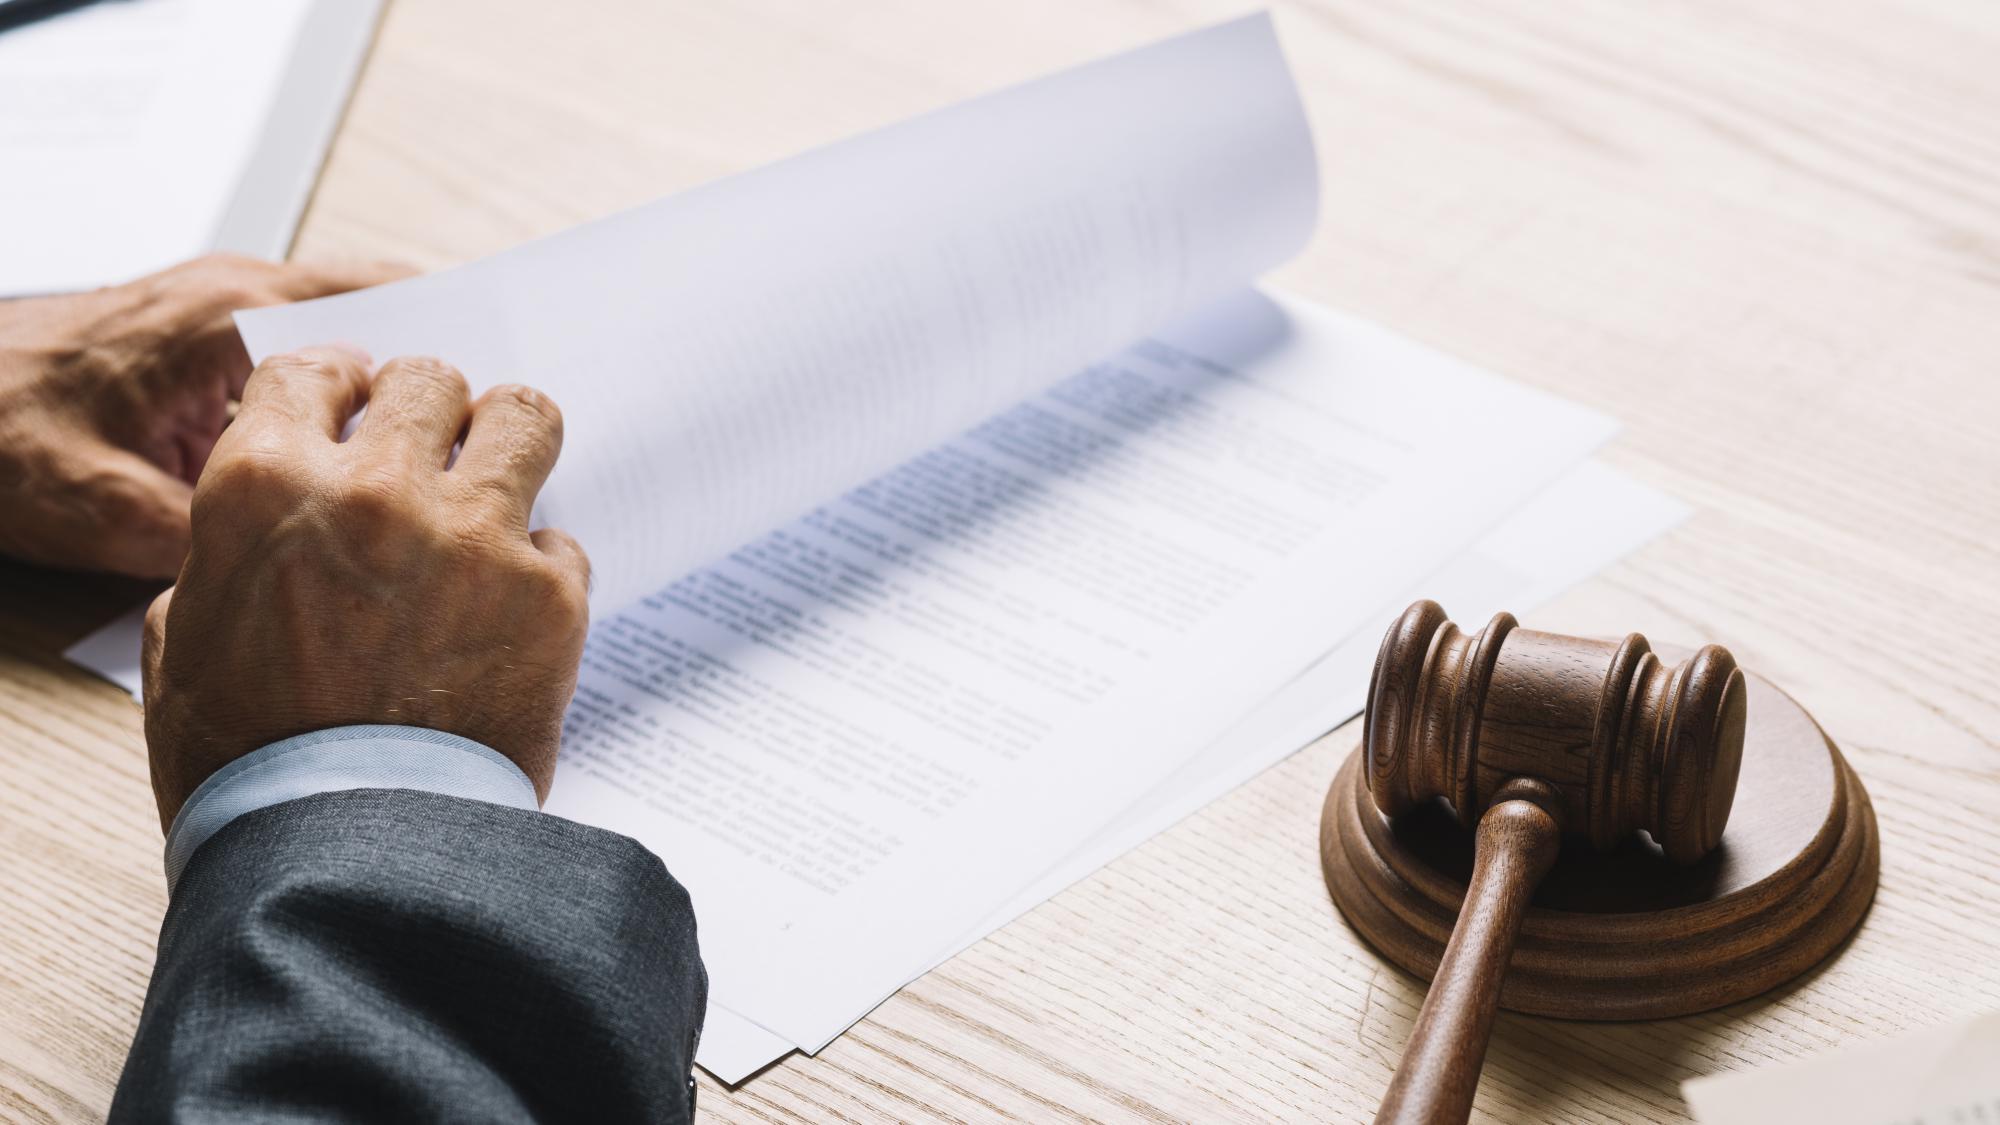 Суд признал законным увольнение по результатам испытательного срока